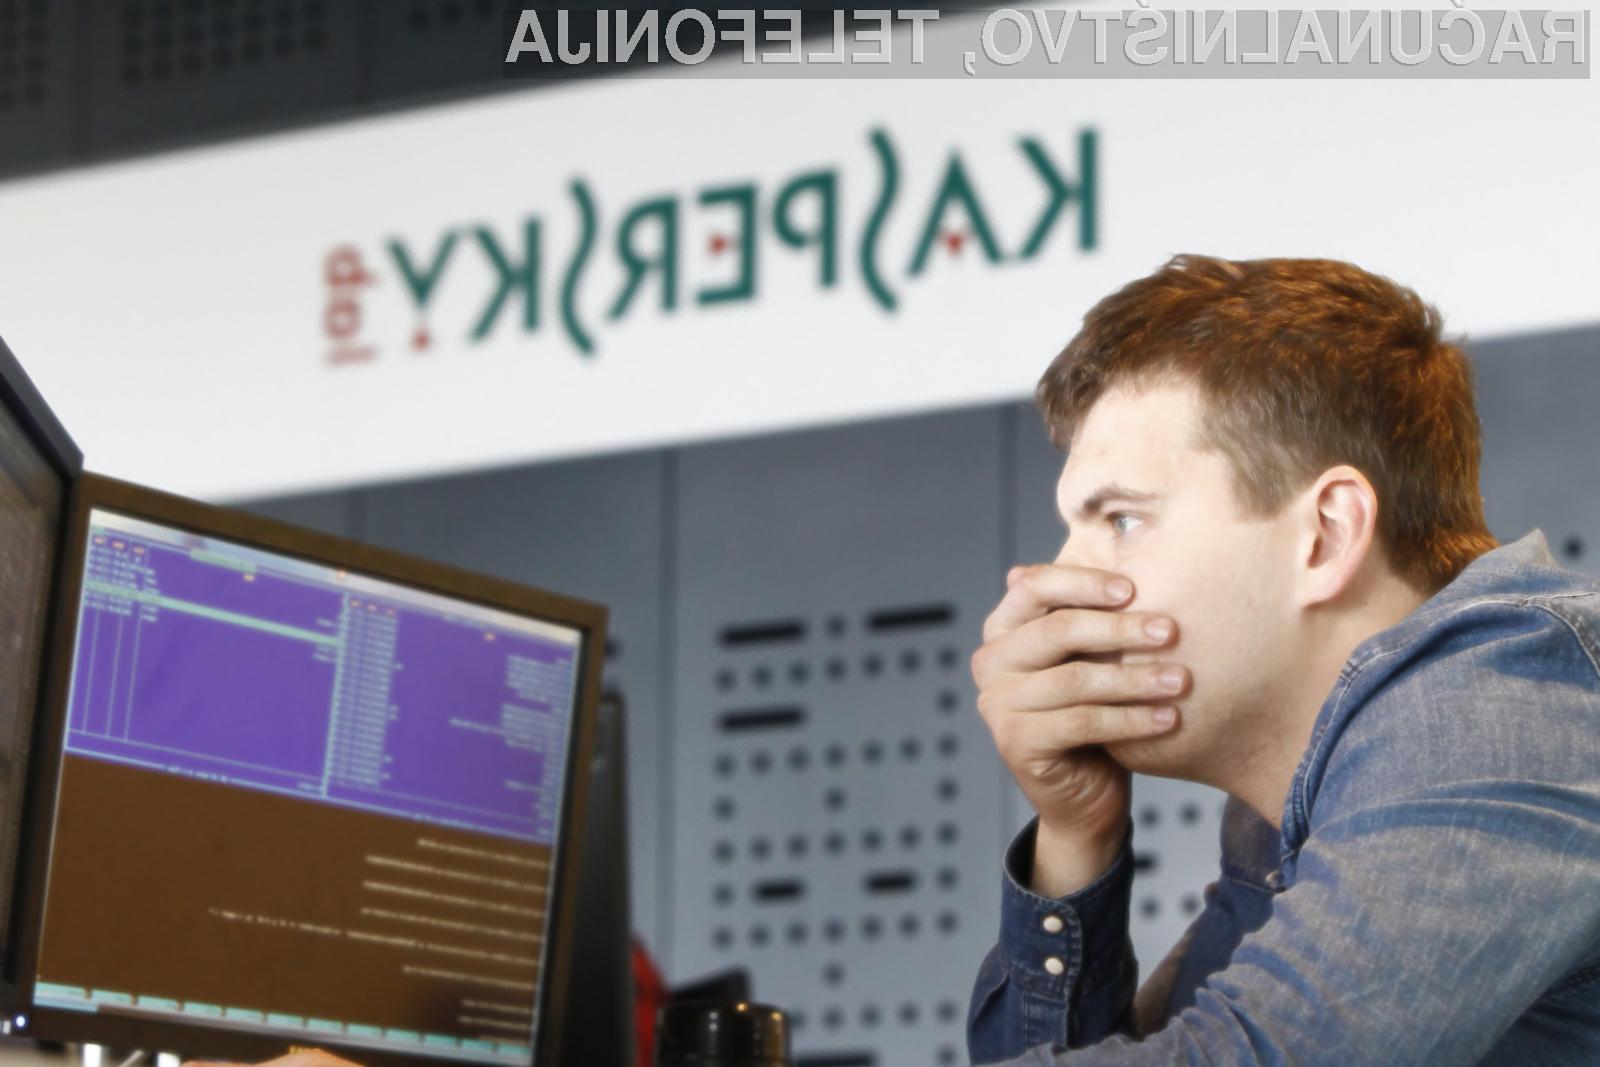 Rusija želi postaviti neodvisno internetno infrastrukturo do prvega avgusta naslednjega leta.